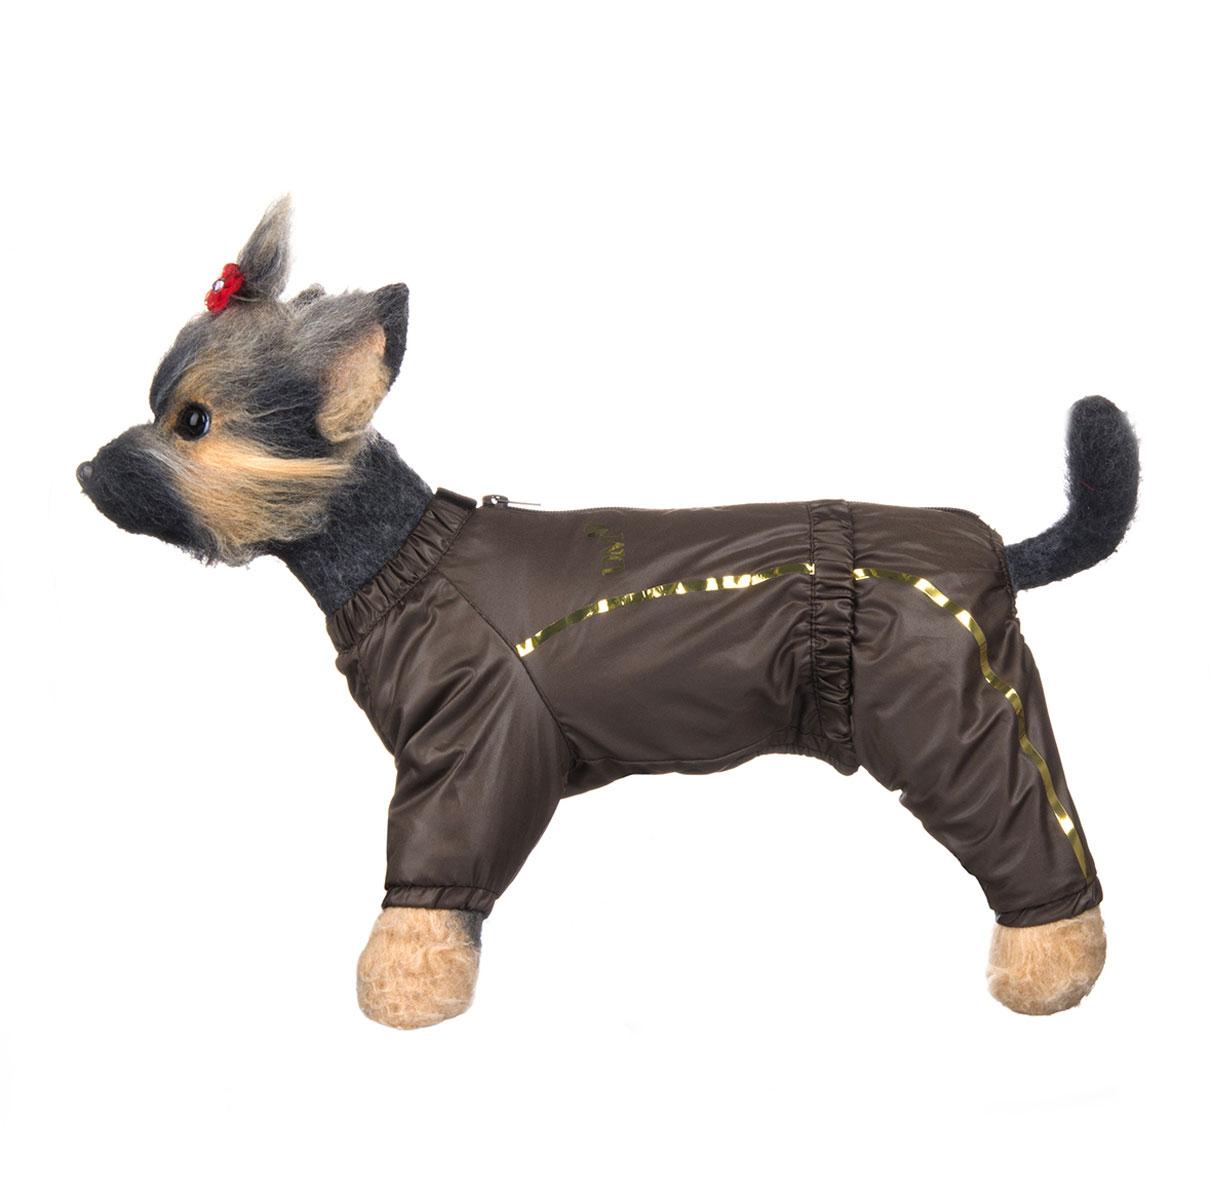 Комбинезон для собак Dogmoda Альпы, для мальчика, цвет: коричневый. Размер 1 (S)DM-150330-1Комбинезон для собак Dogmoda Альпы отлично подойдет для прогулок поздней осенью или ранней весной. Комбинезон изготовлен из полиэстера, защищающего от ветра и осадков, с подкладкой из флиса, которая сохранит тепло и обеспечит отличный воздухообмен. Комбинезон застегивается на молнию и липучку, благодаря чему его легко надевать и снимать. Ворот, низ рукавов и брючин оснащены внутренними резинками, которые мягко обхватывают шею и лапки, не позволяя просачиваться холодному воздуху. На пояснице имеется внутренняя резинка. Изделие декорировано золотистыми полосками и надписью DM. Благодаря такому комбинезону простуда не грозит вашему питомцу и он не даст любимцу продрогнуть на прогулке.